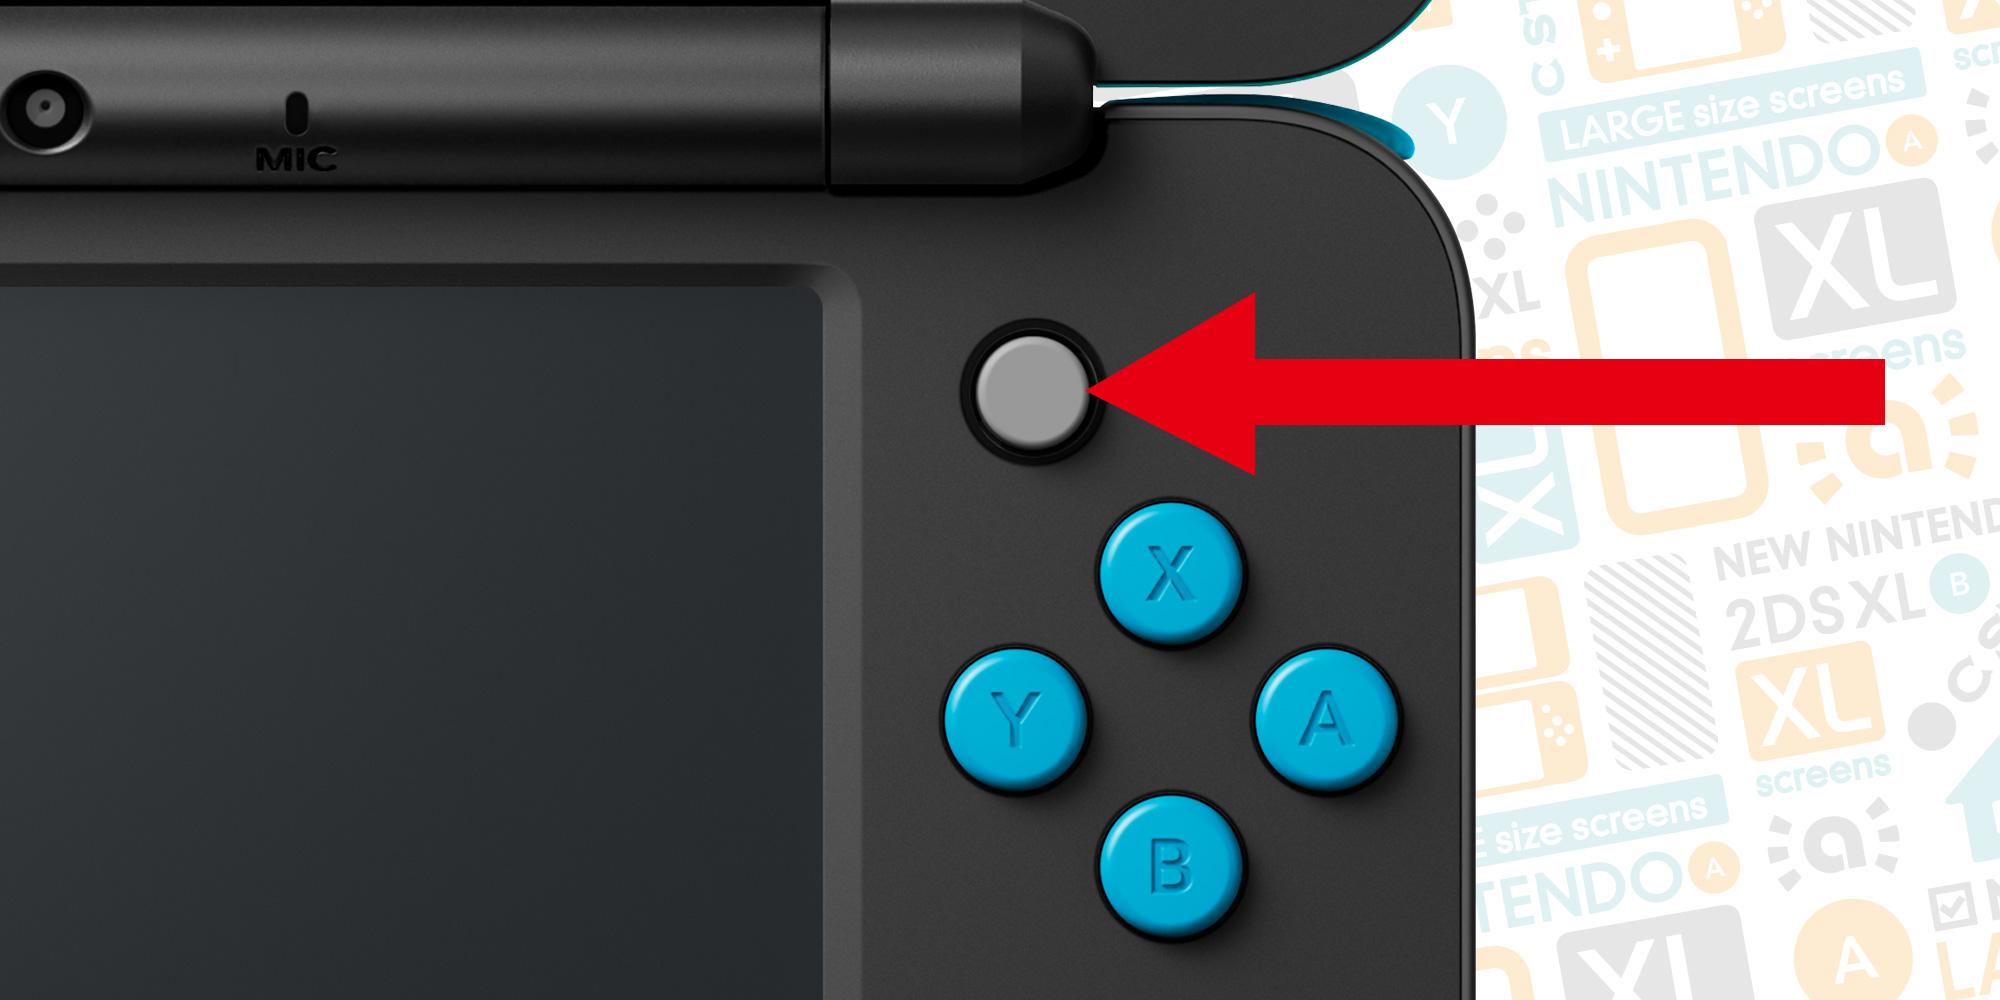 La Gran N Continuara Apoyando Nintendo 3ds Hasta Al Menos 2018